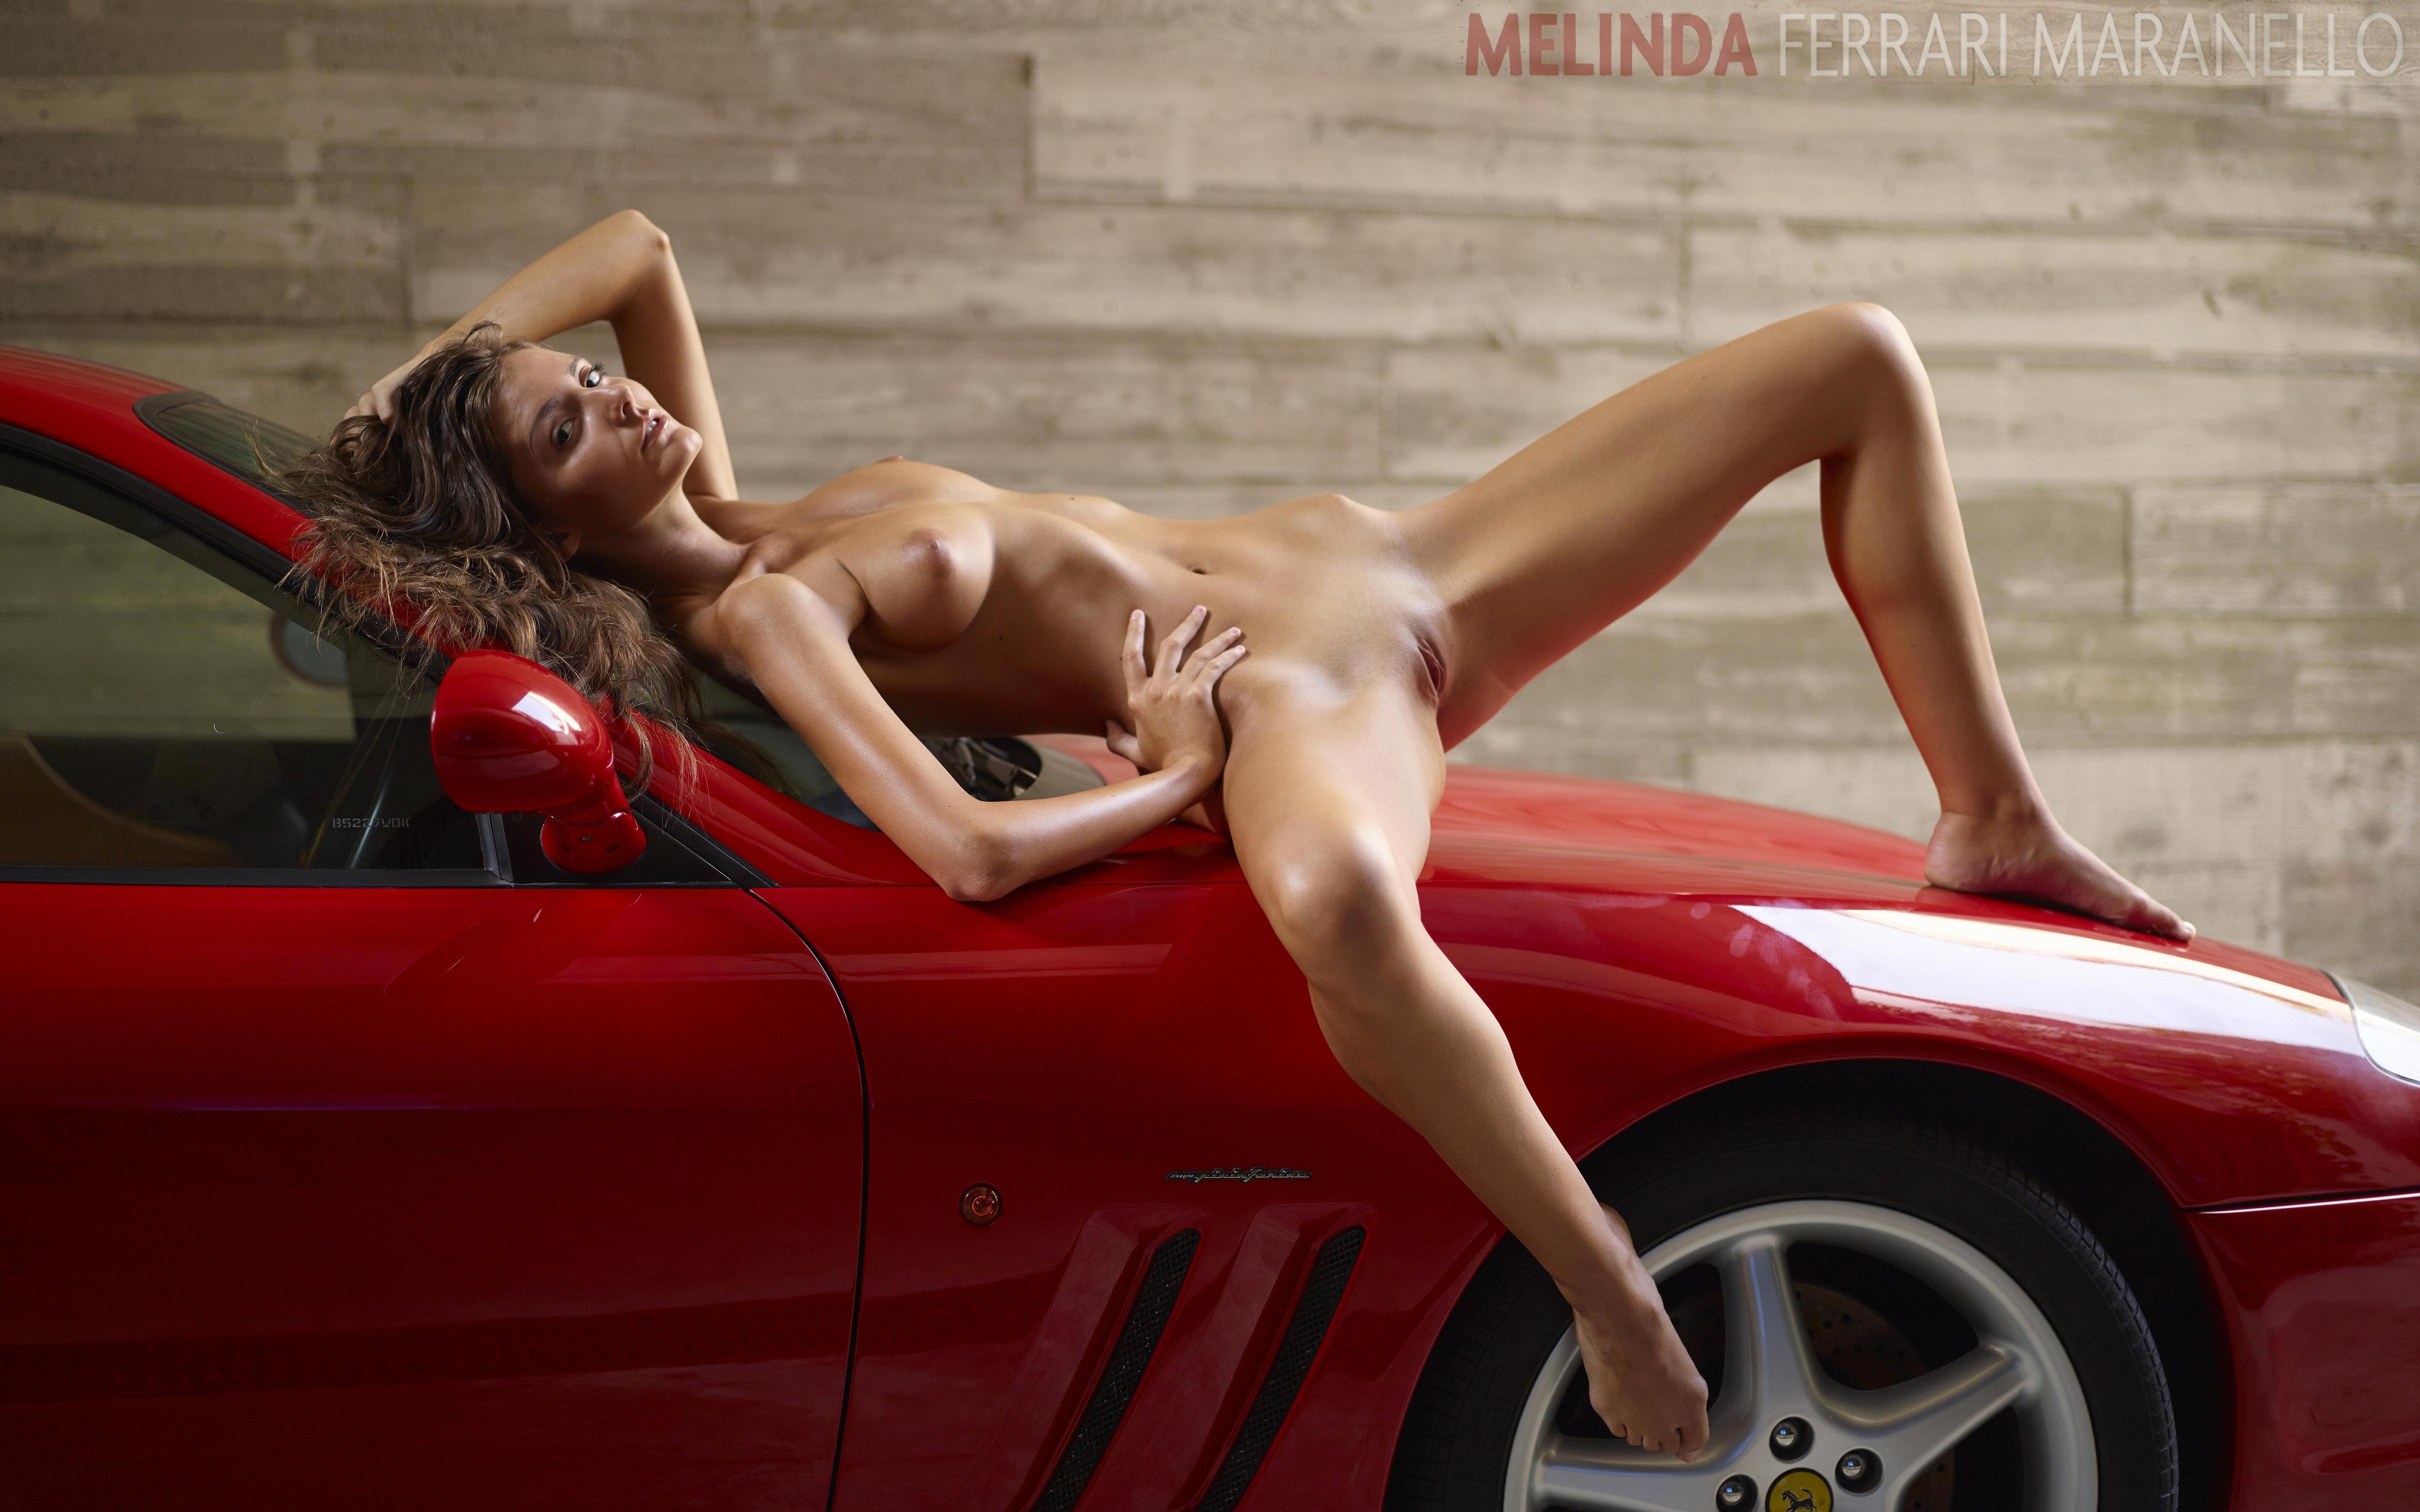 Melinda with Ferrari Maranello picture 04 by